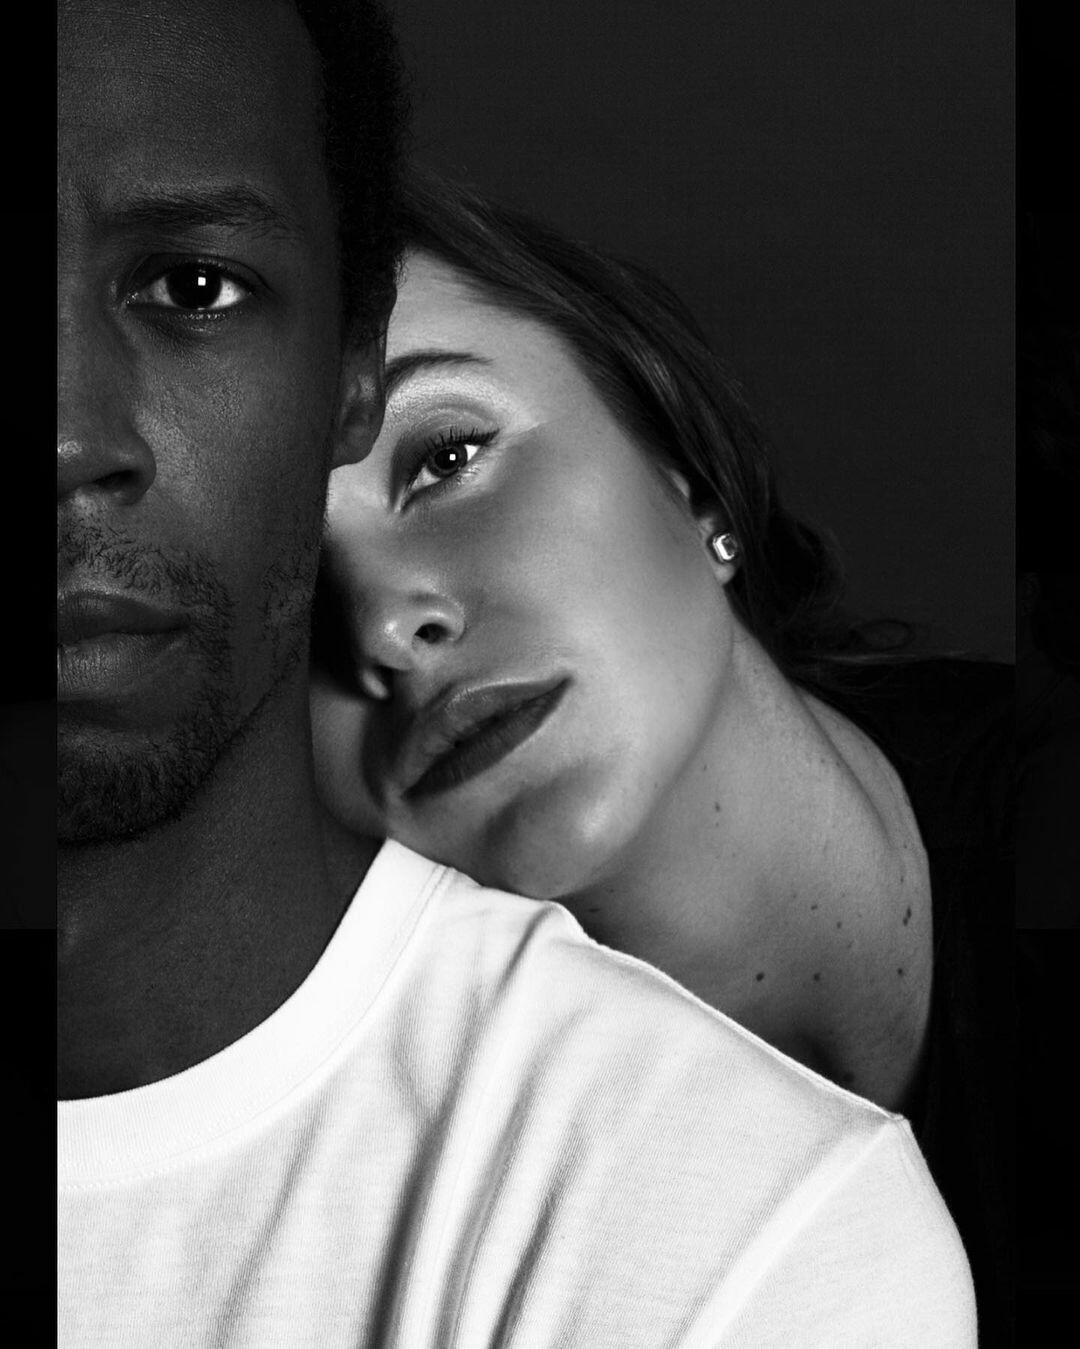 Черно-белая любовь: Свитолина и Монфис на Валентина романтично показали свои чувства в соцсетях